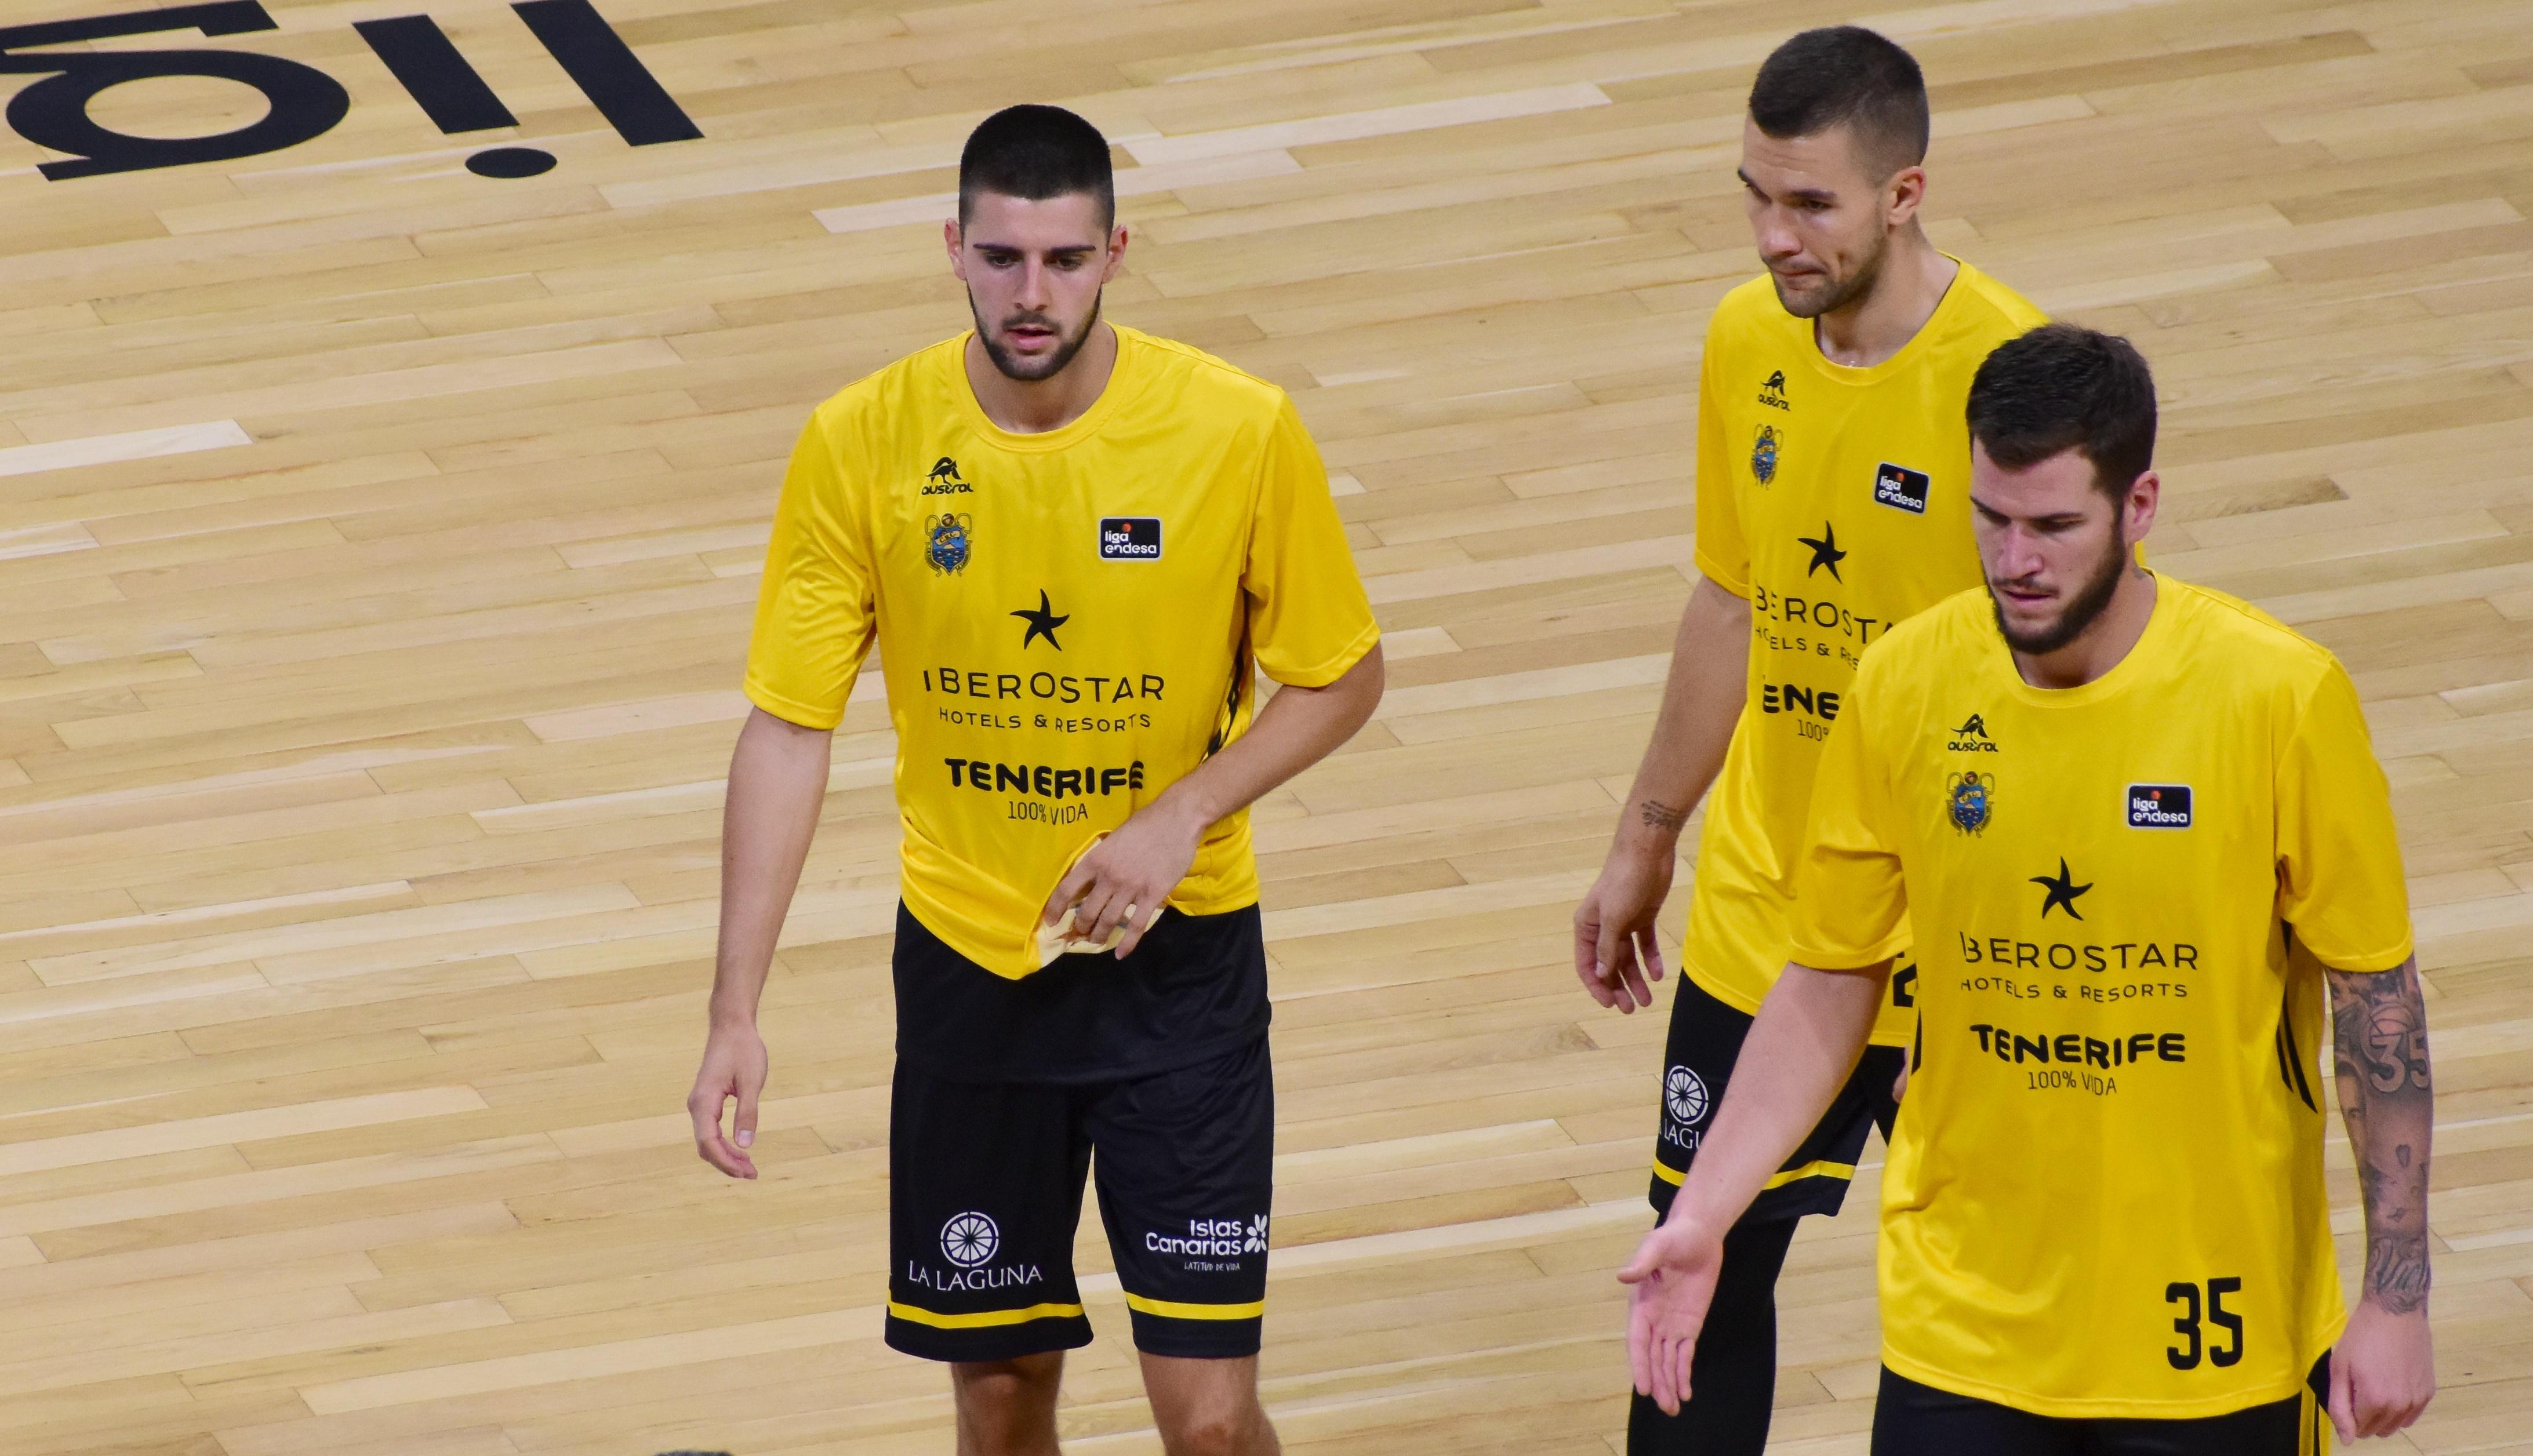 Danilo Brnovic entró por primera vez en una convocatoria ACB